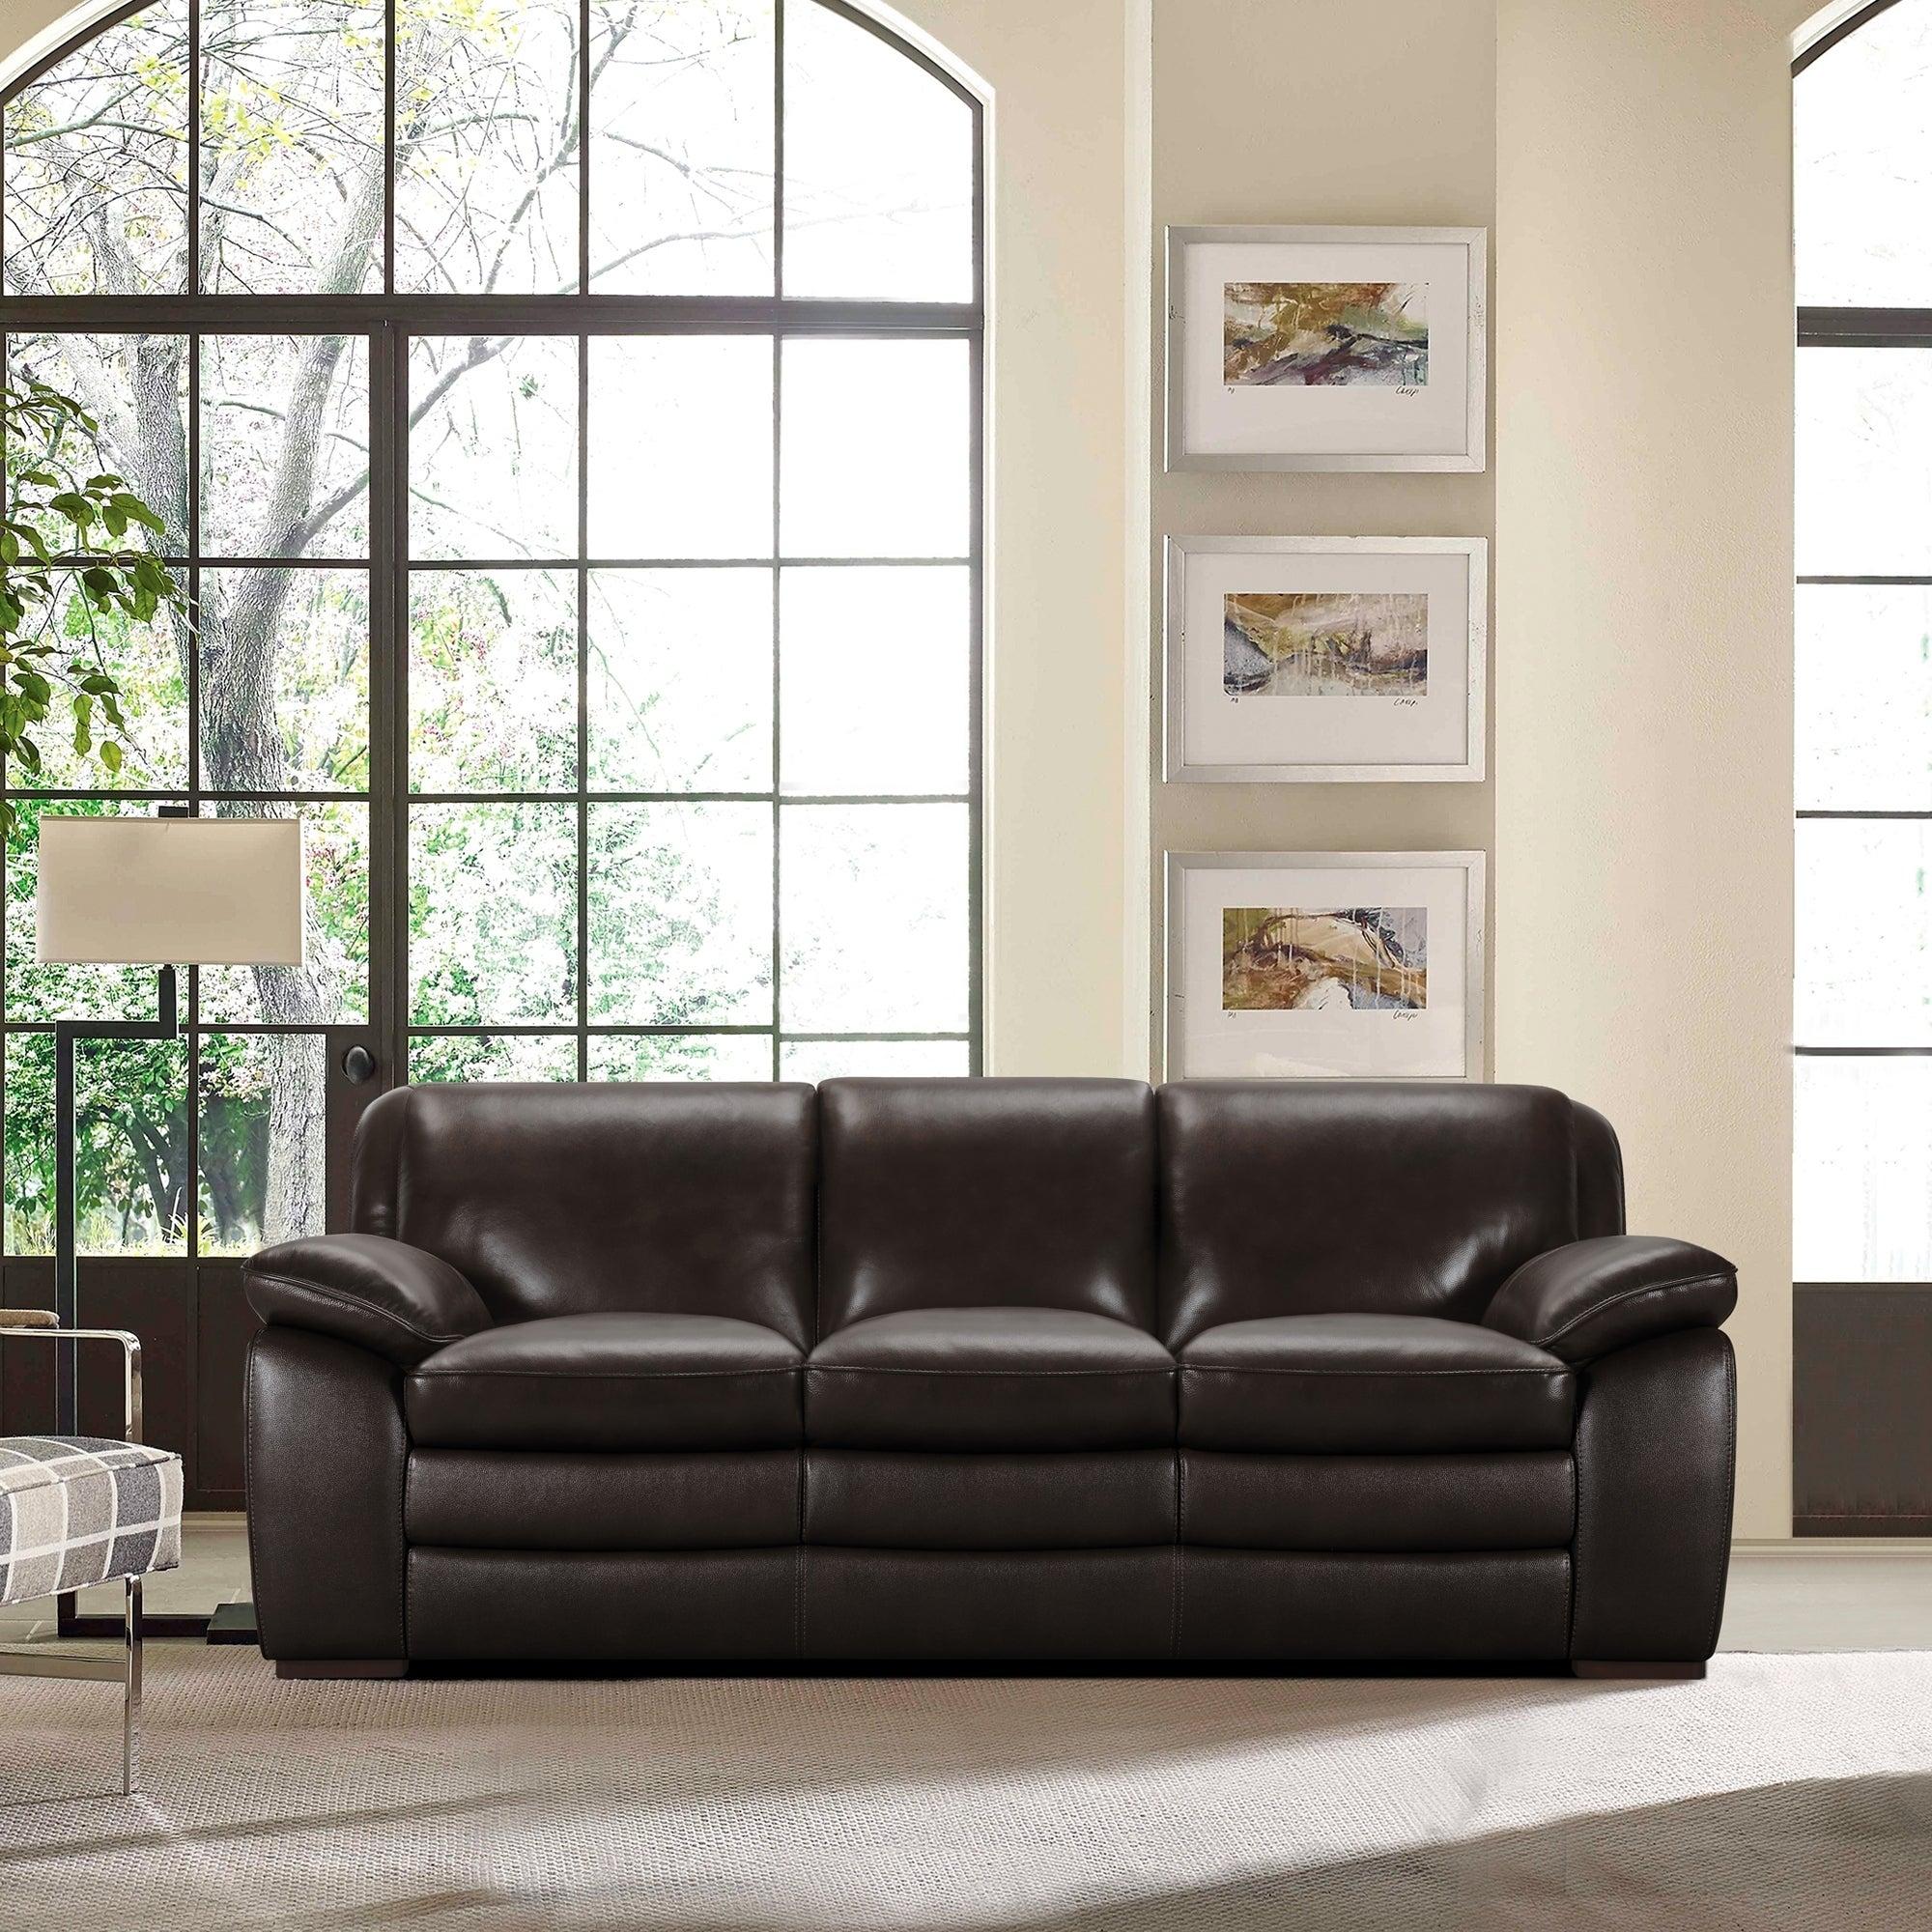 Shop Armen Living Zanna Contemporary Sofa in Genuine Dark Brown ...